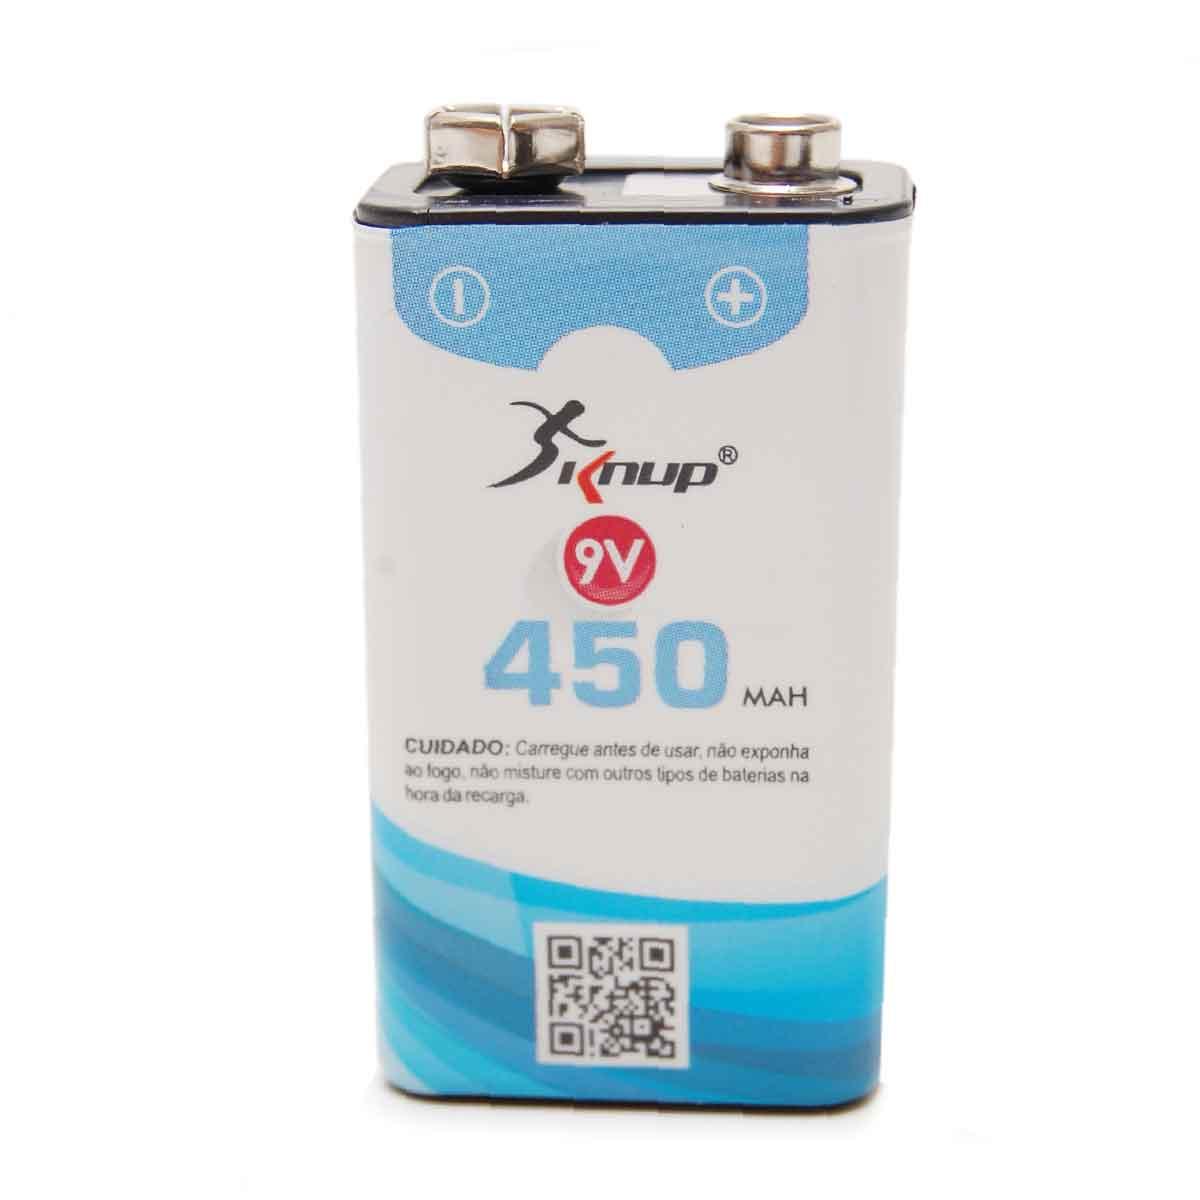 Bateria Recarregável 9v 450mah Knup Original